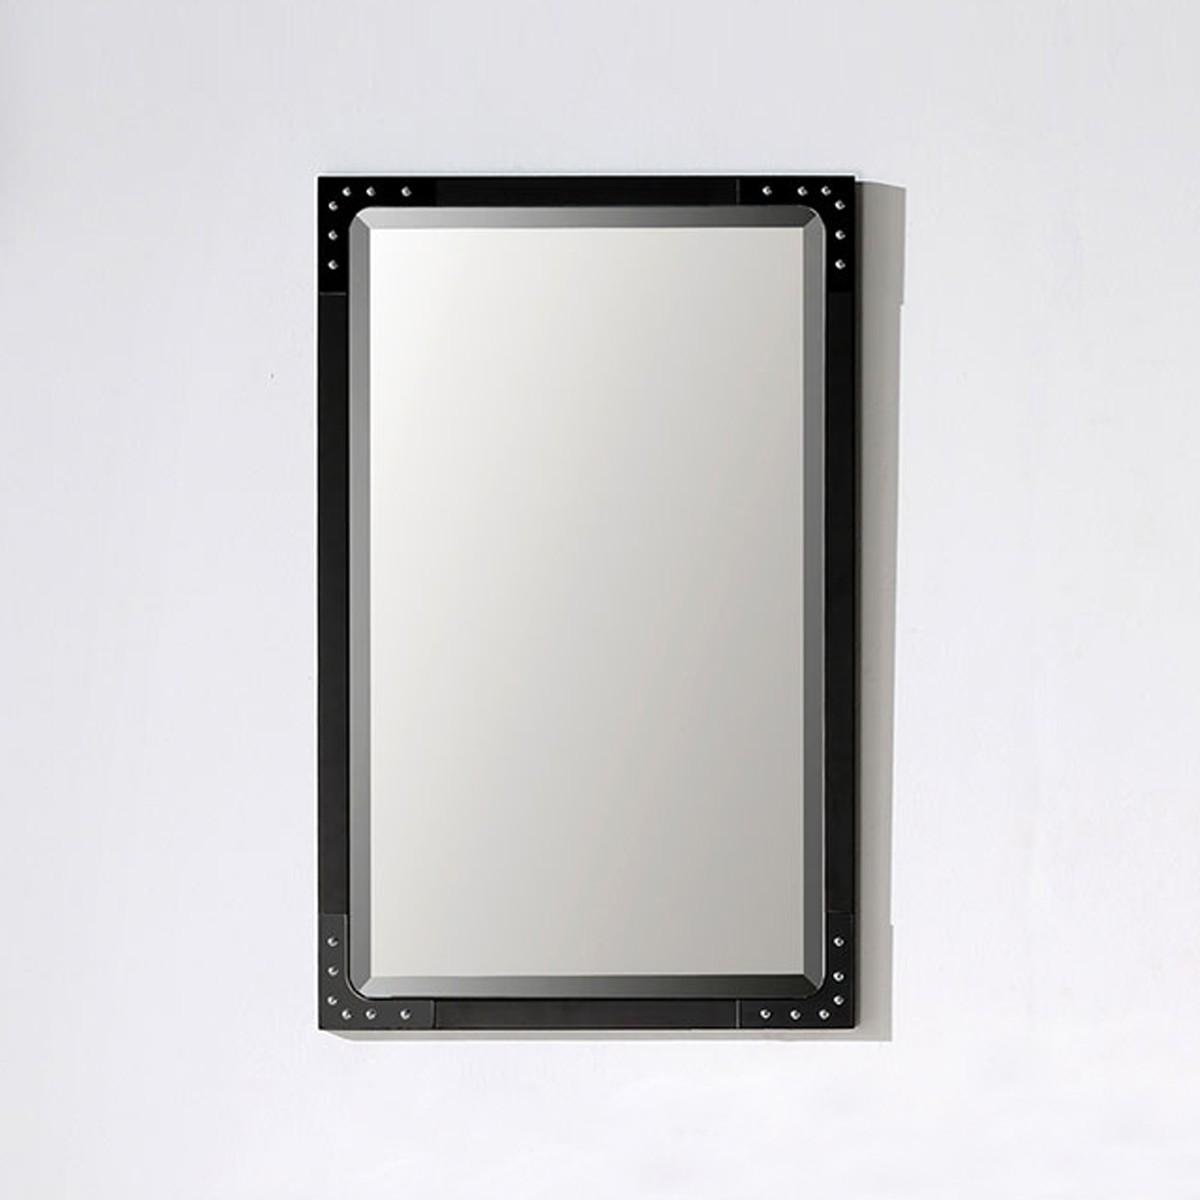 35 x 22 In. Bathroom Vanity Mirror (DK-5730-B-M)